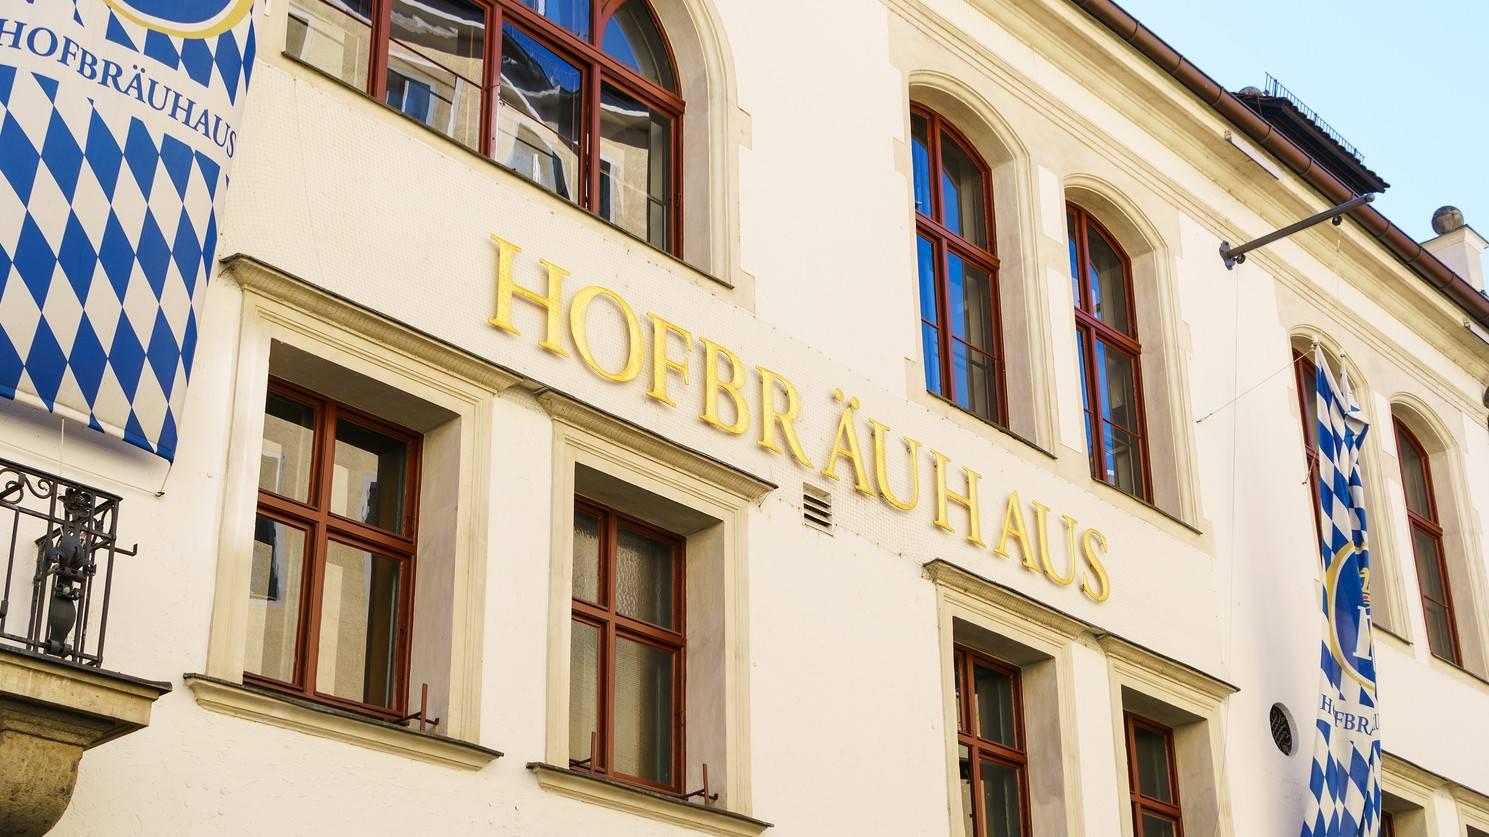 Hofbrauhaus - Things To Do In Munich